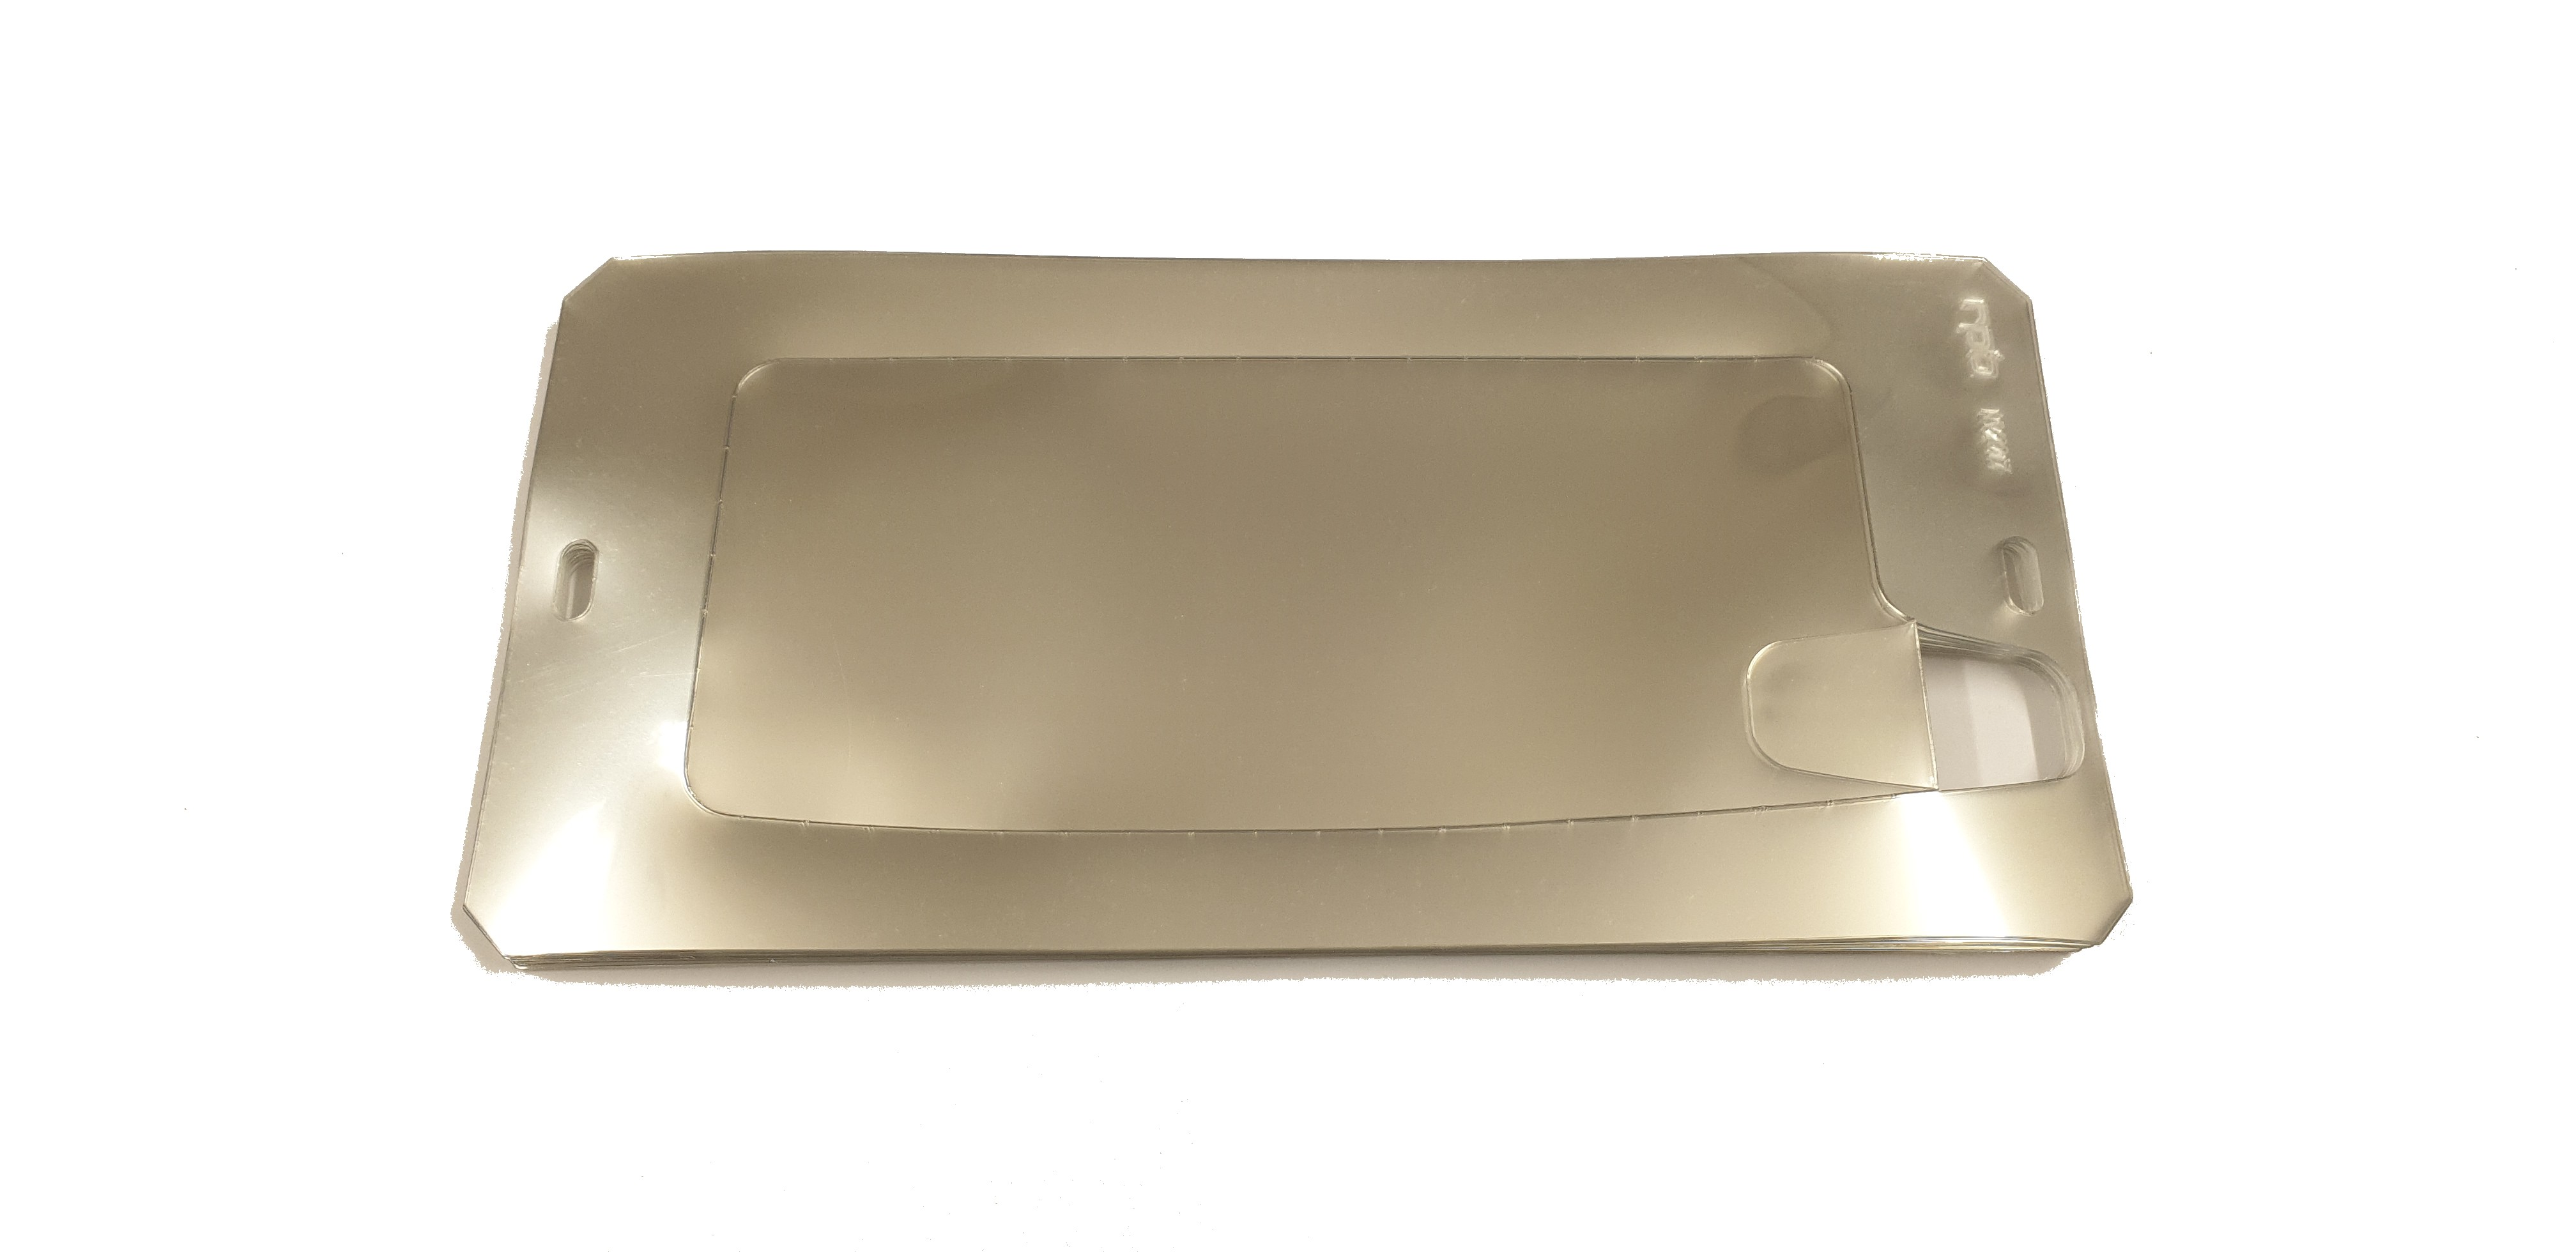 Verschleißscheibe (Abreißfolie) f. NOVA 2000 50 Stk/Pkg